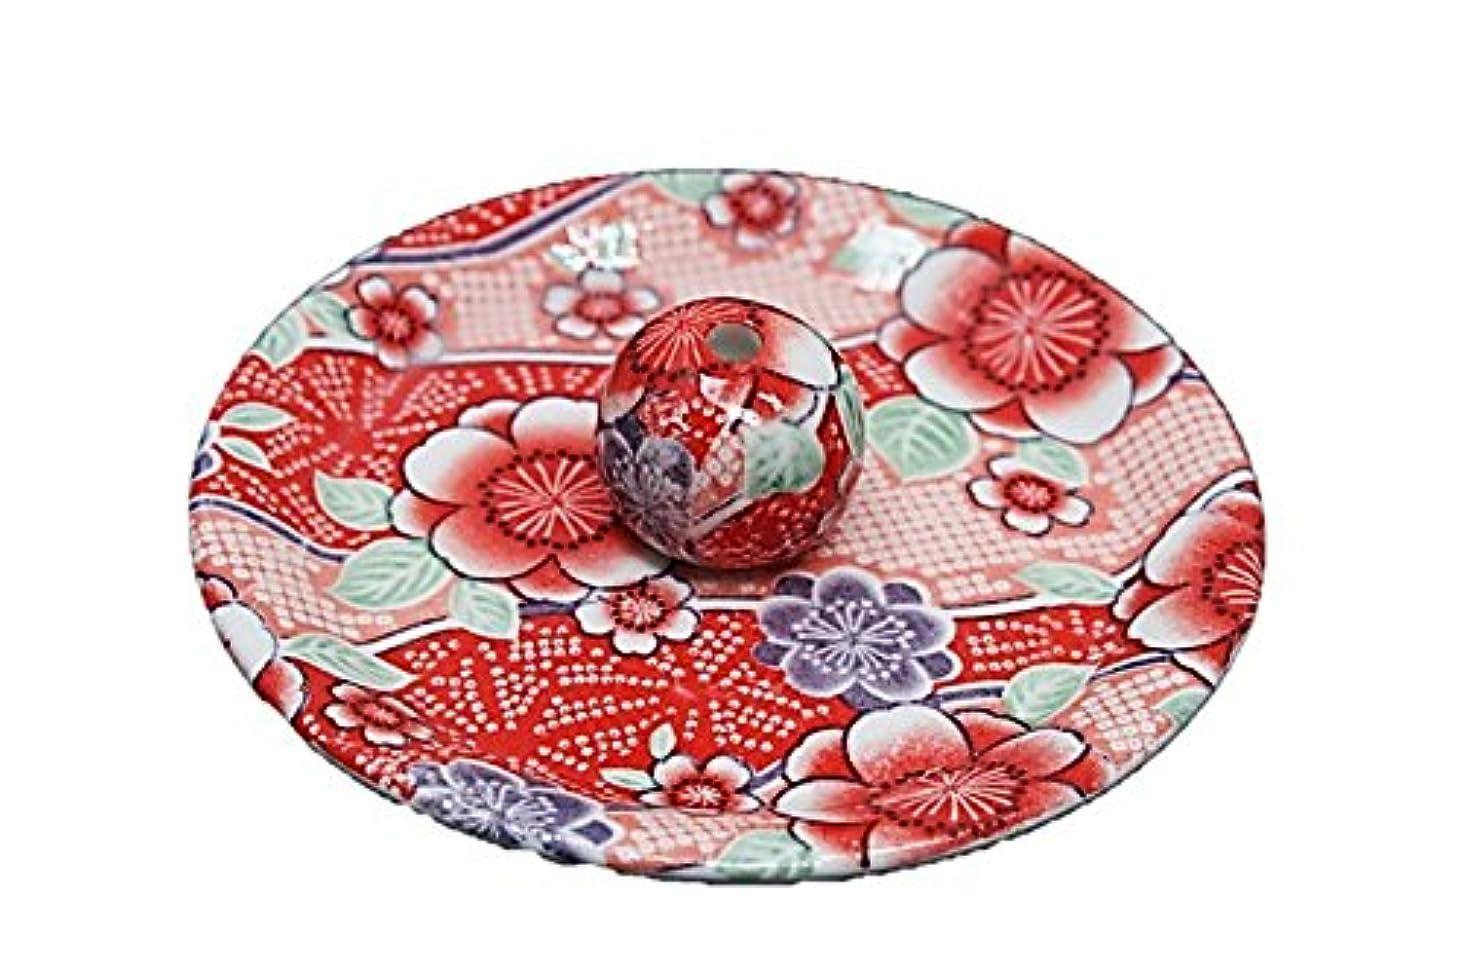 オーストラリア人民間繁殖9-15 紅染 9cm香皿 お香立て お香たて 陶器 日本製 製造?直売品